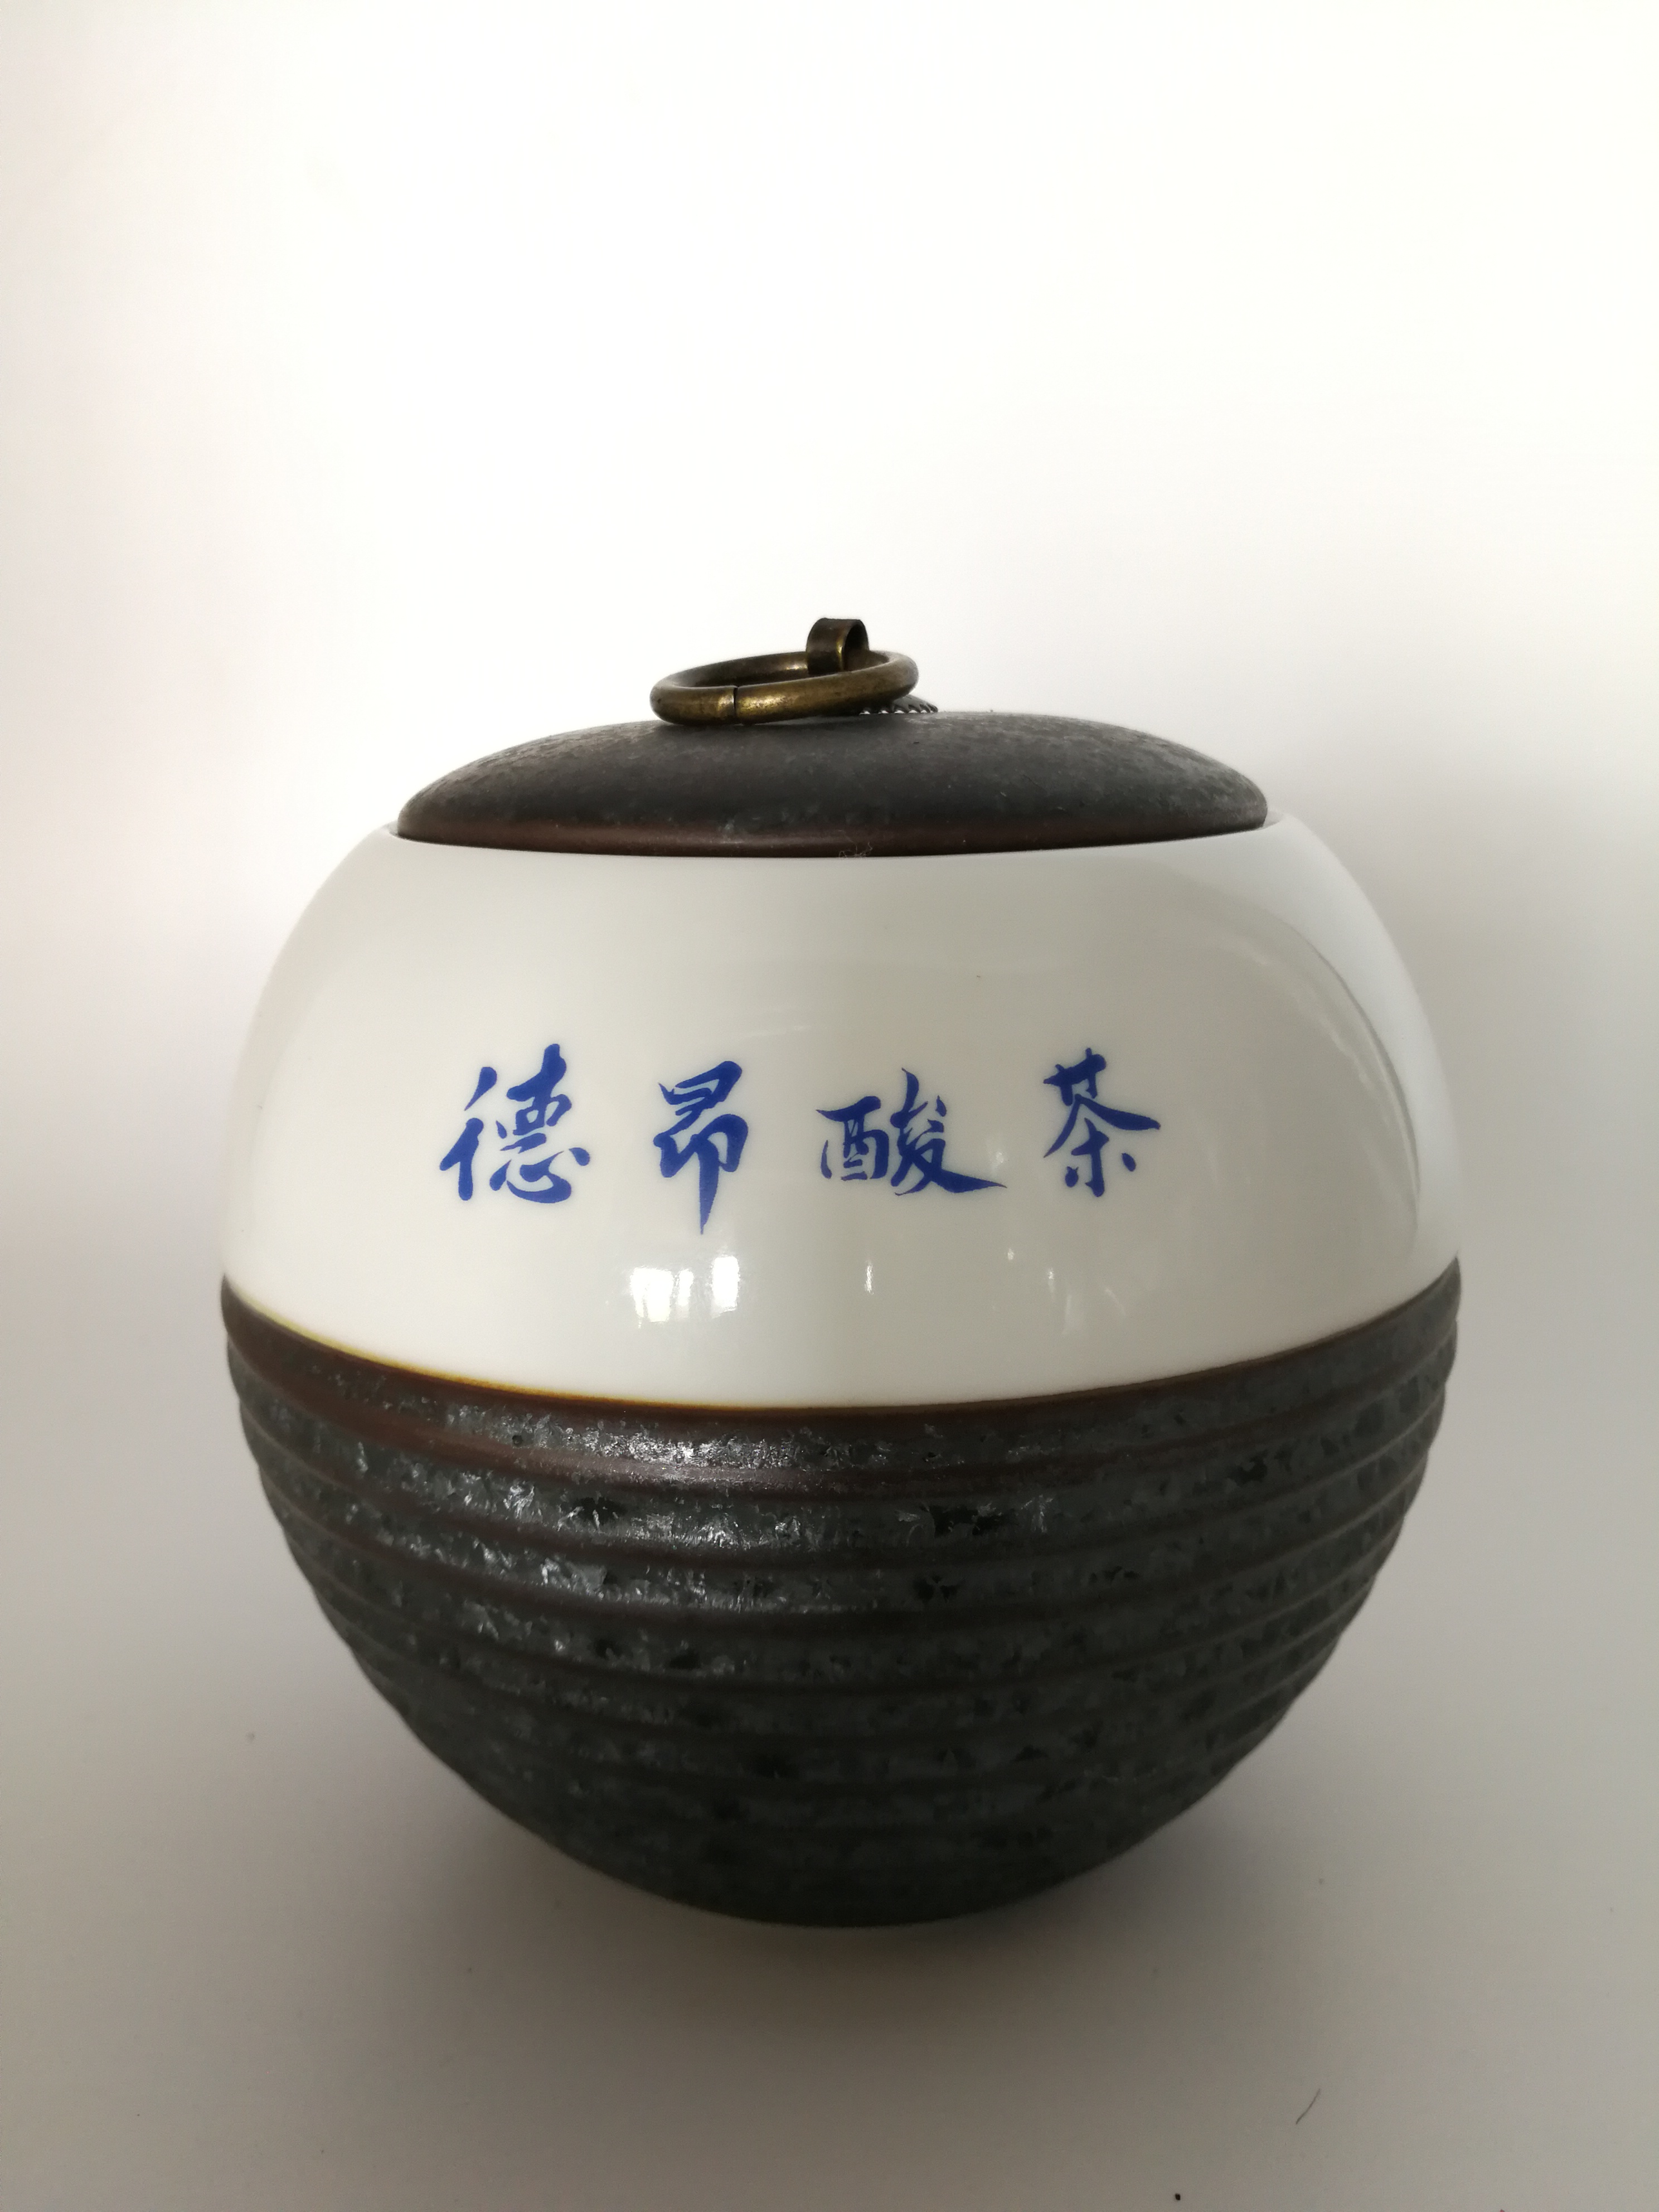 瓷罐裝德昂酸茶